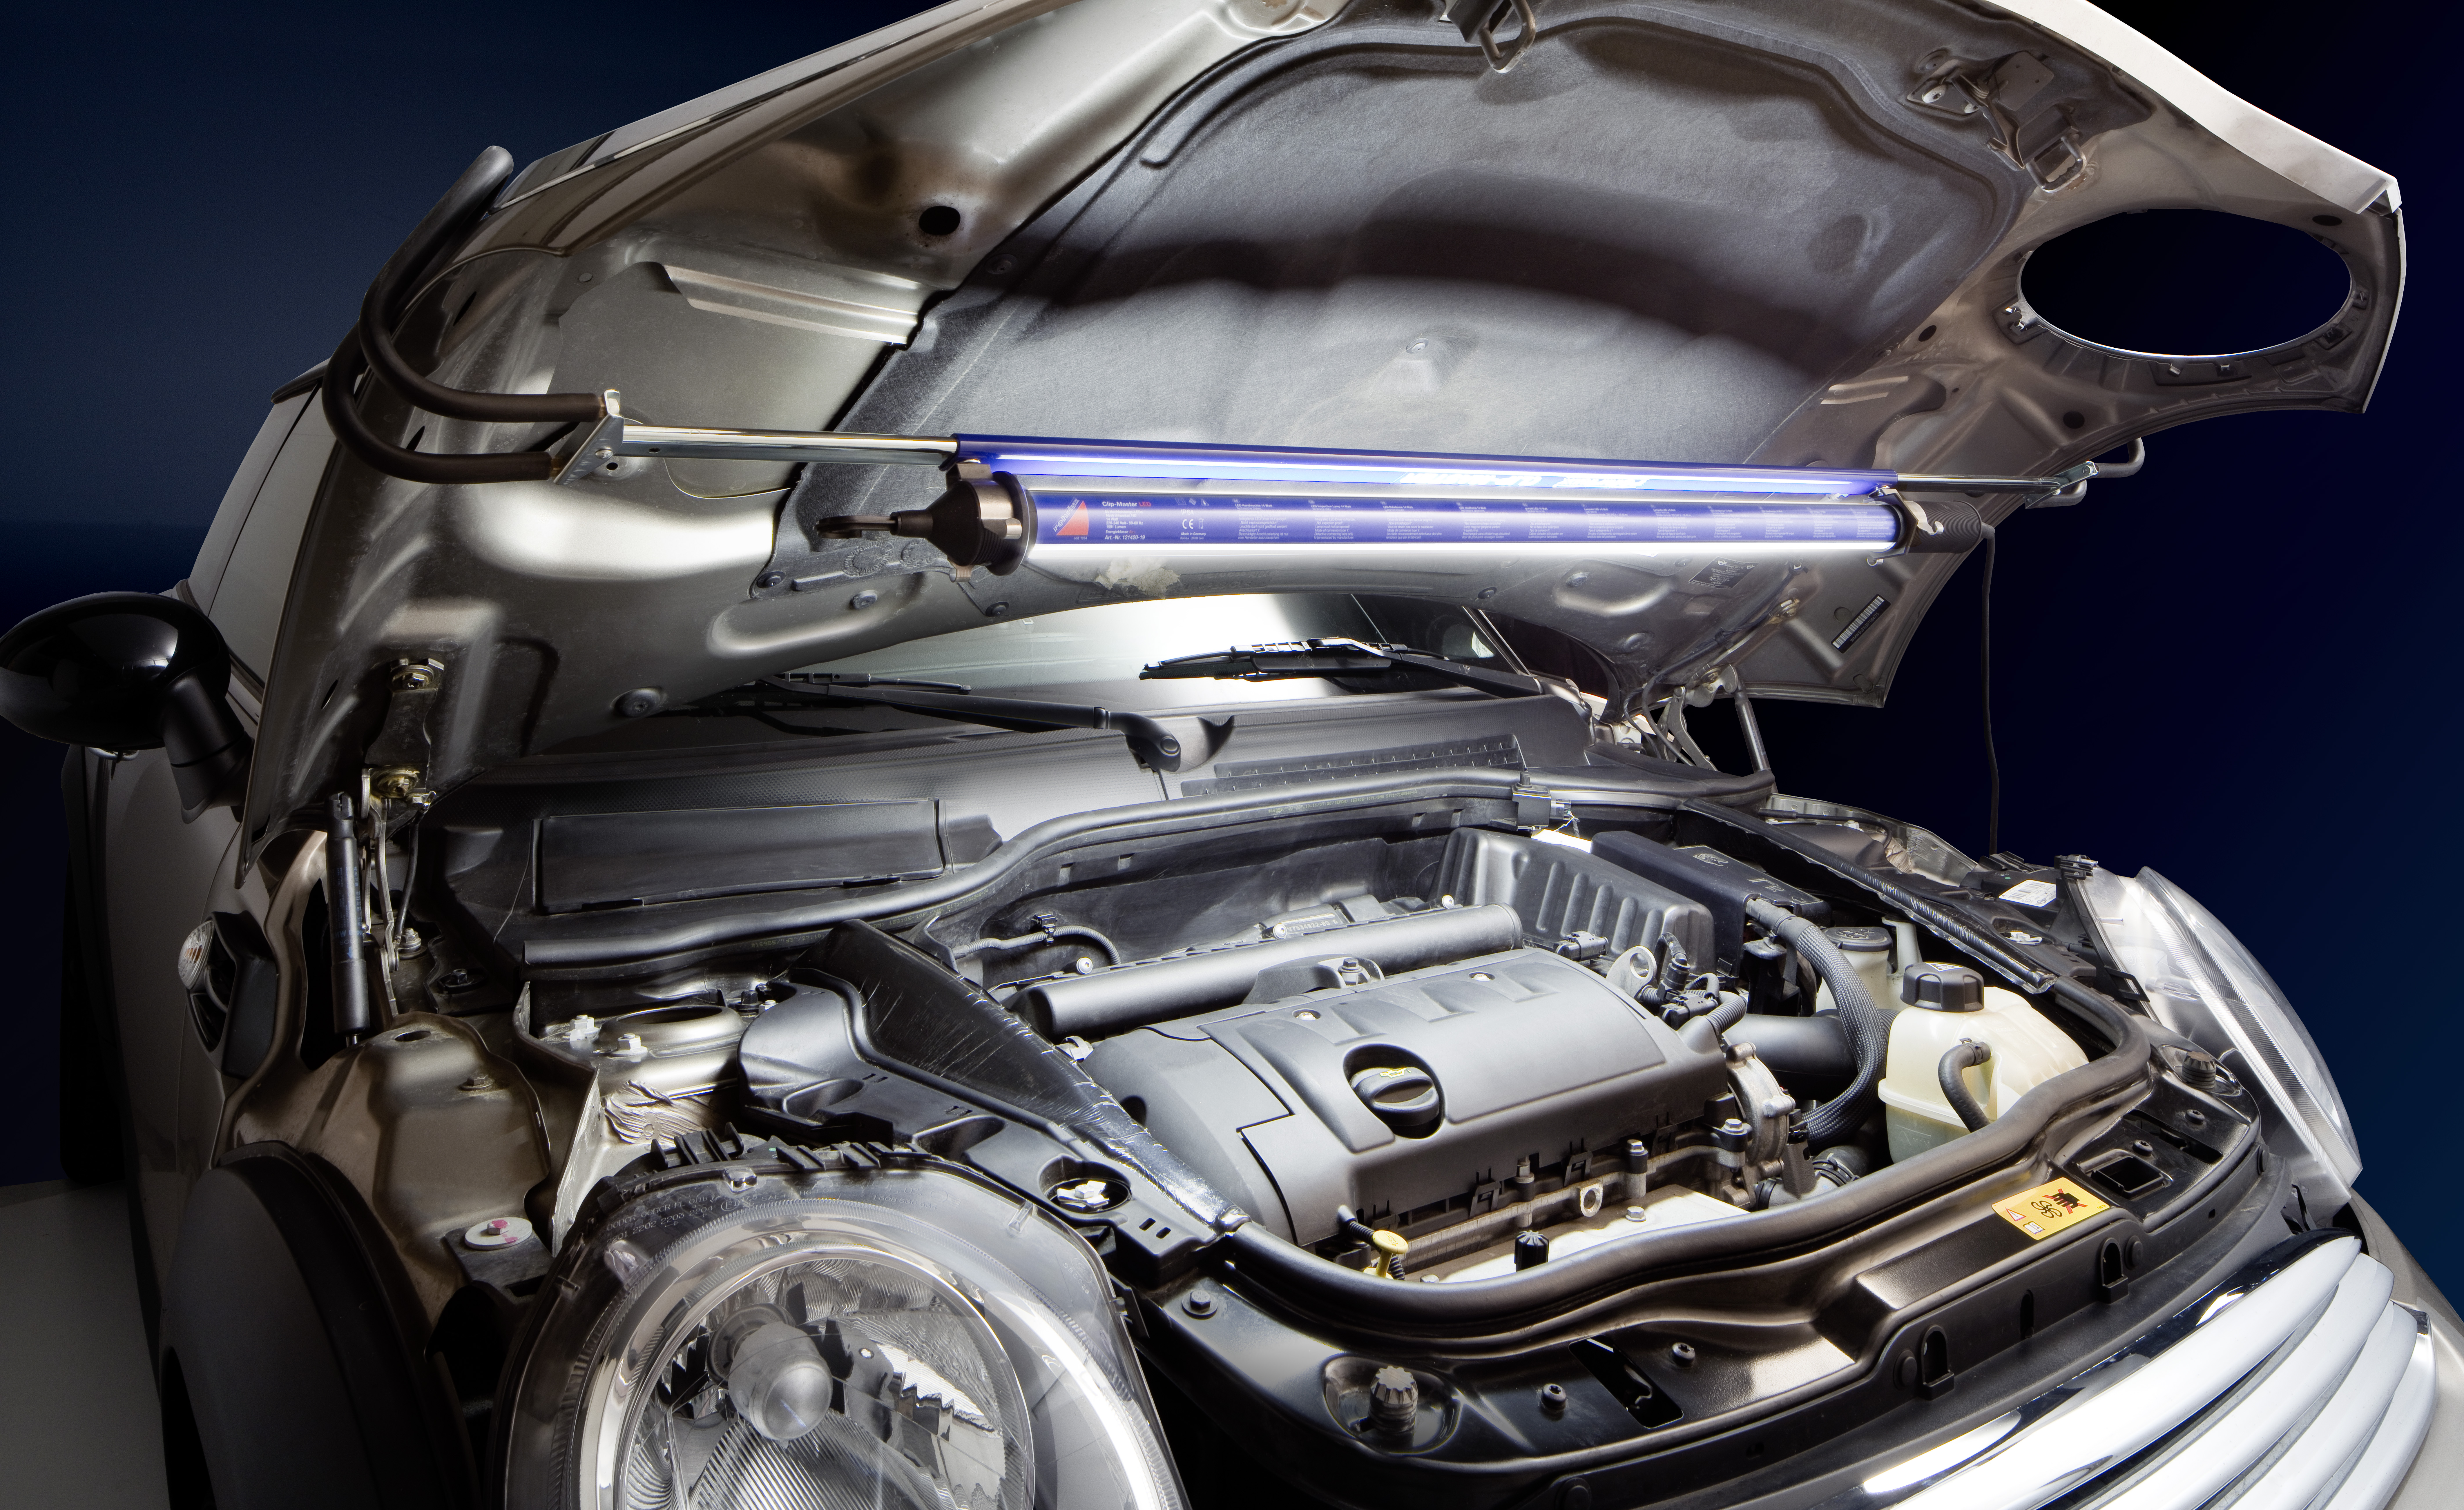 Motorraumleuchte Clip-Master I LED 14 Watt 220-240 Volt AC